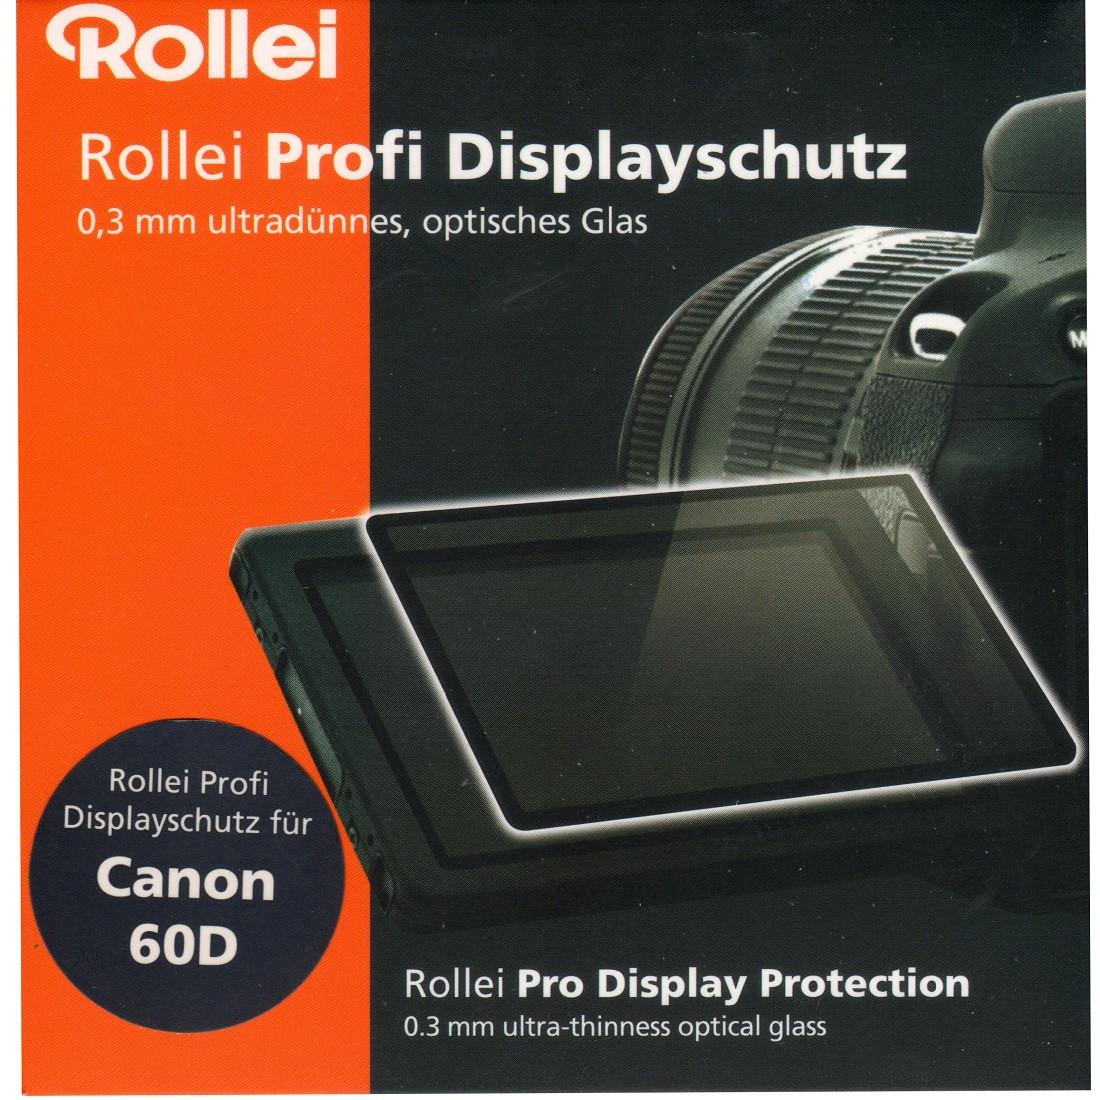 Rollei Displayschutz für Canon 60D